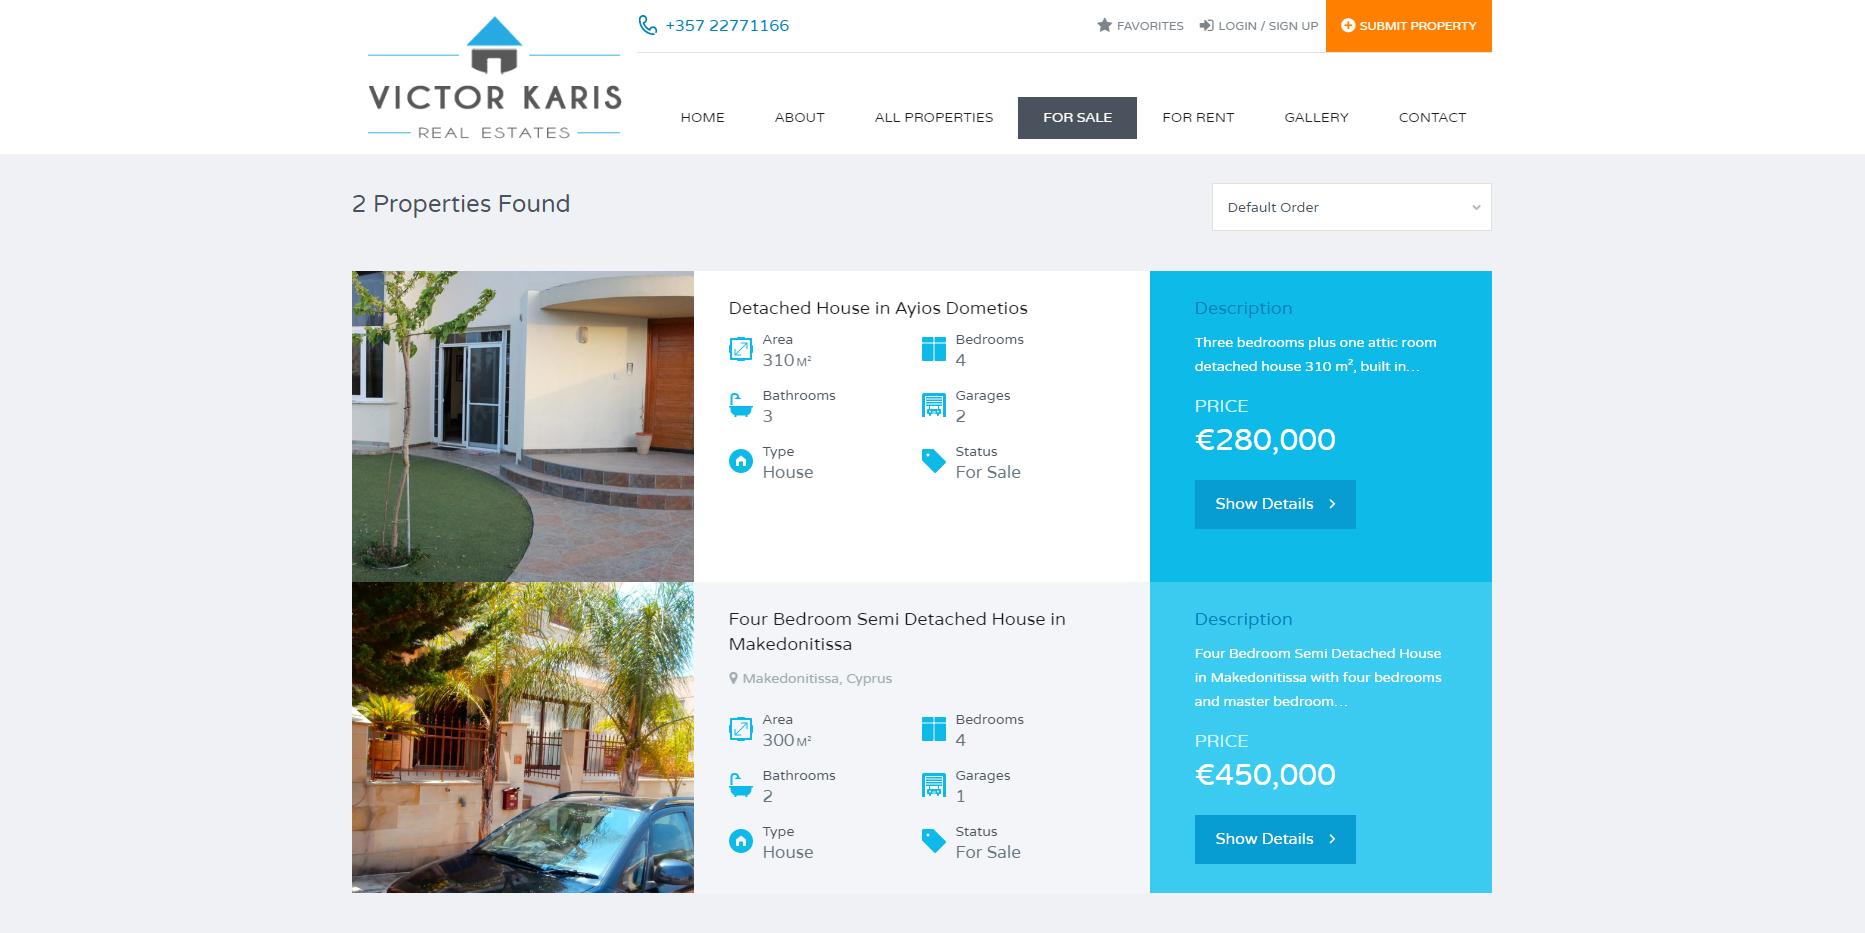 iCreate Web Design | Web Design | Karis Real Estates